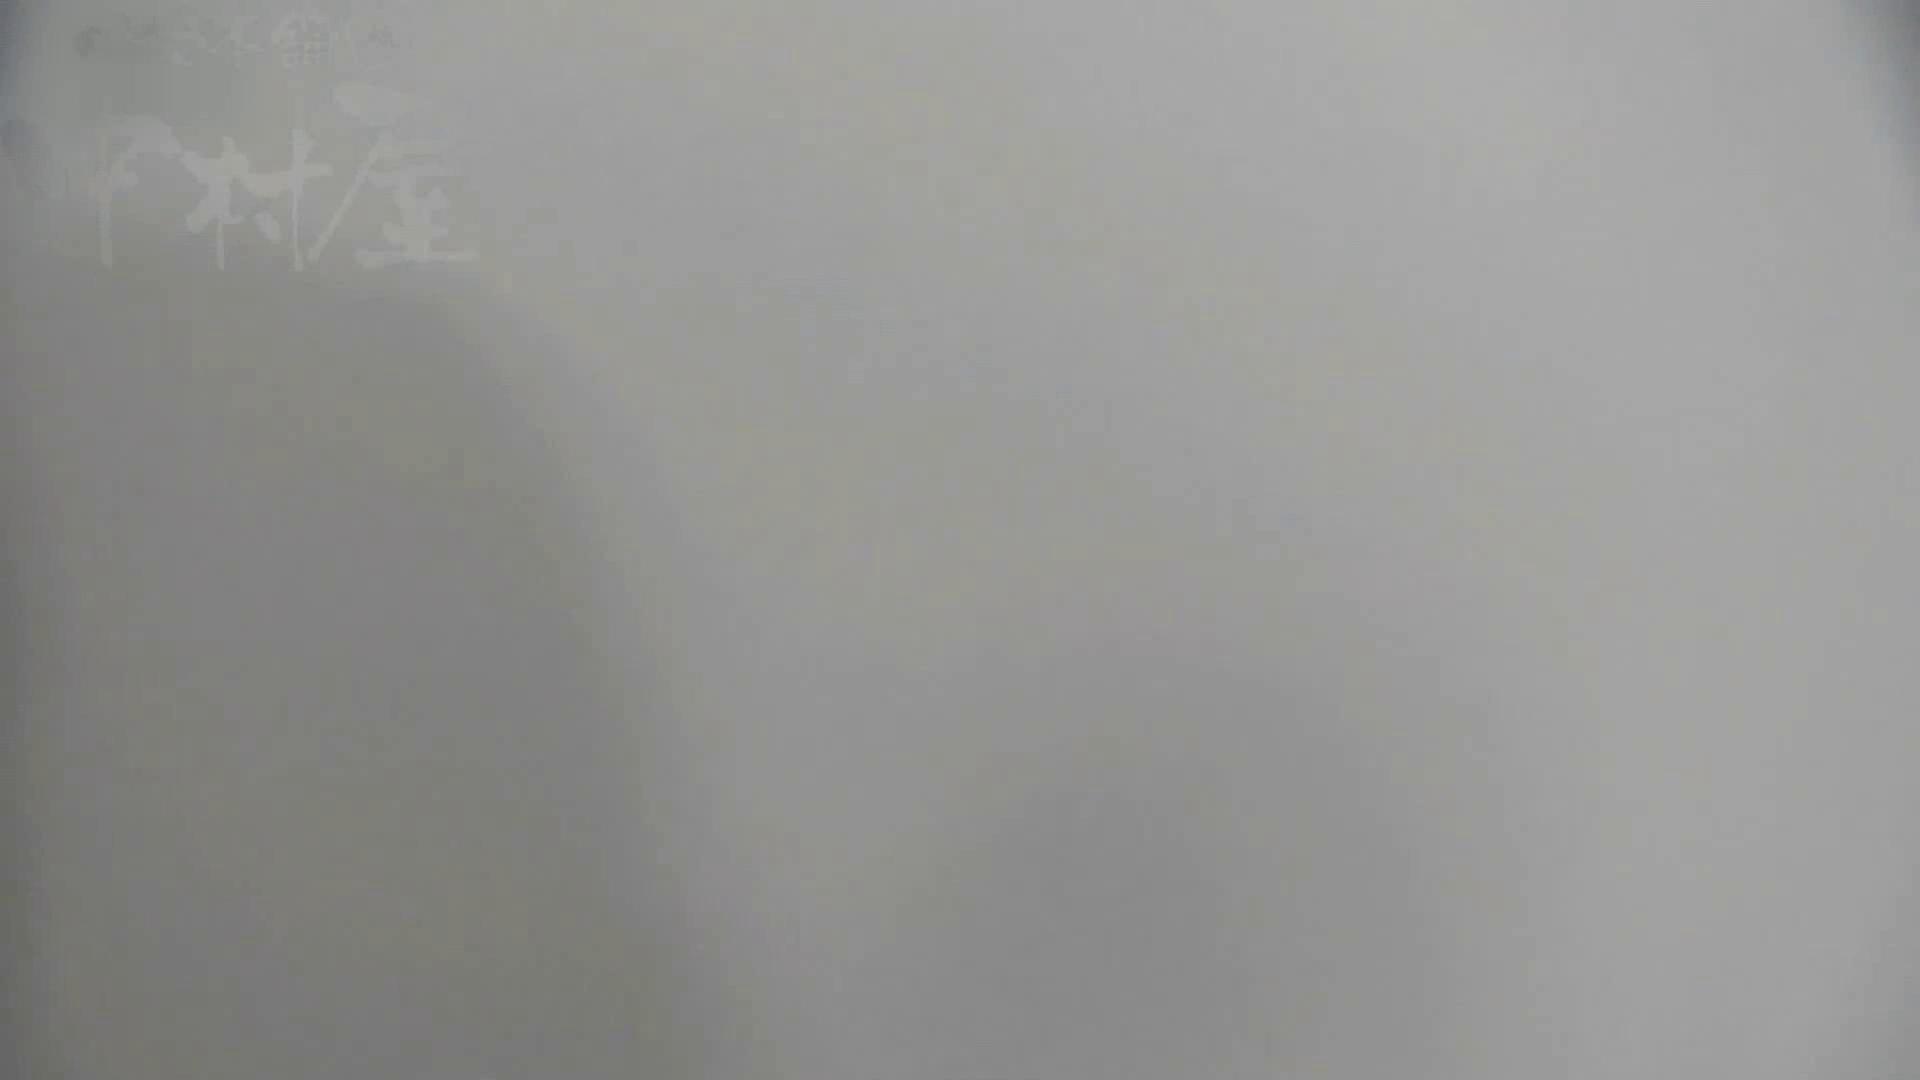 美しい日本の未来 No.29 豹柄サンダルはイ更●気味??? 便器 おまんこ無修正動画無料 70pic 8